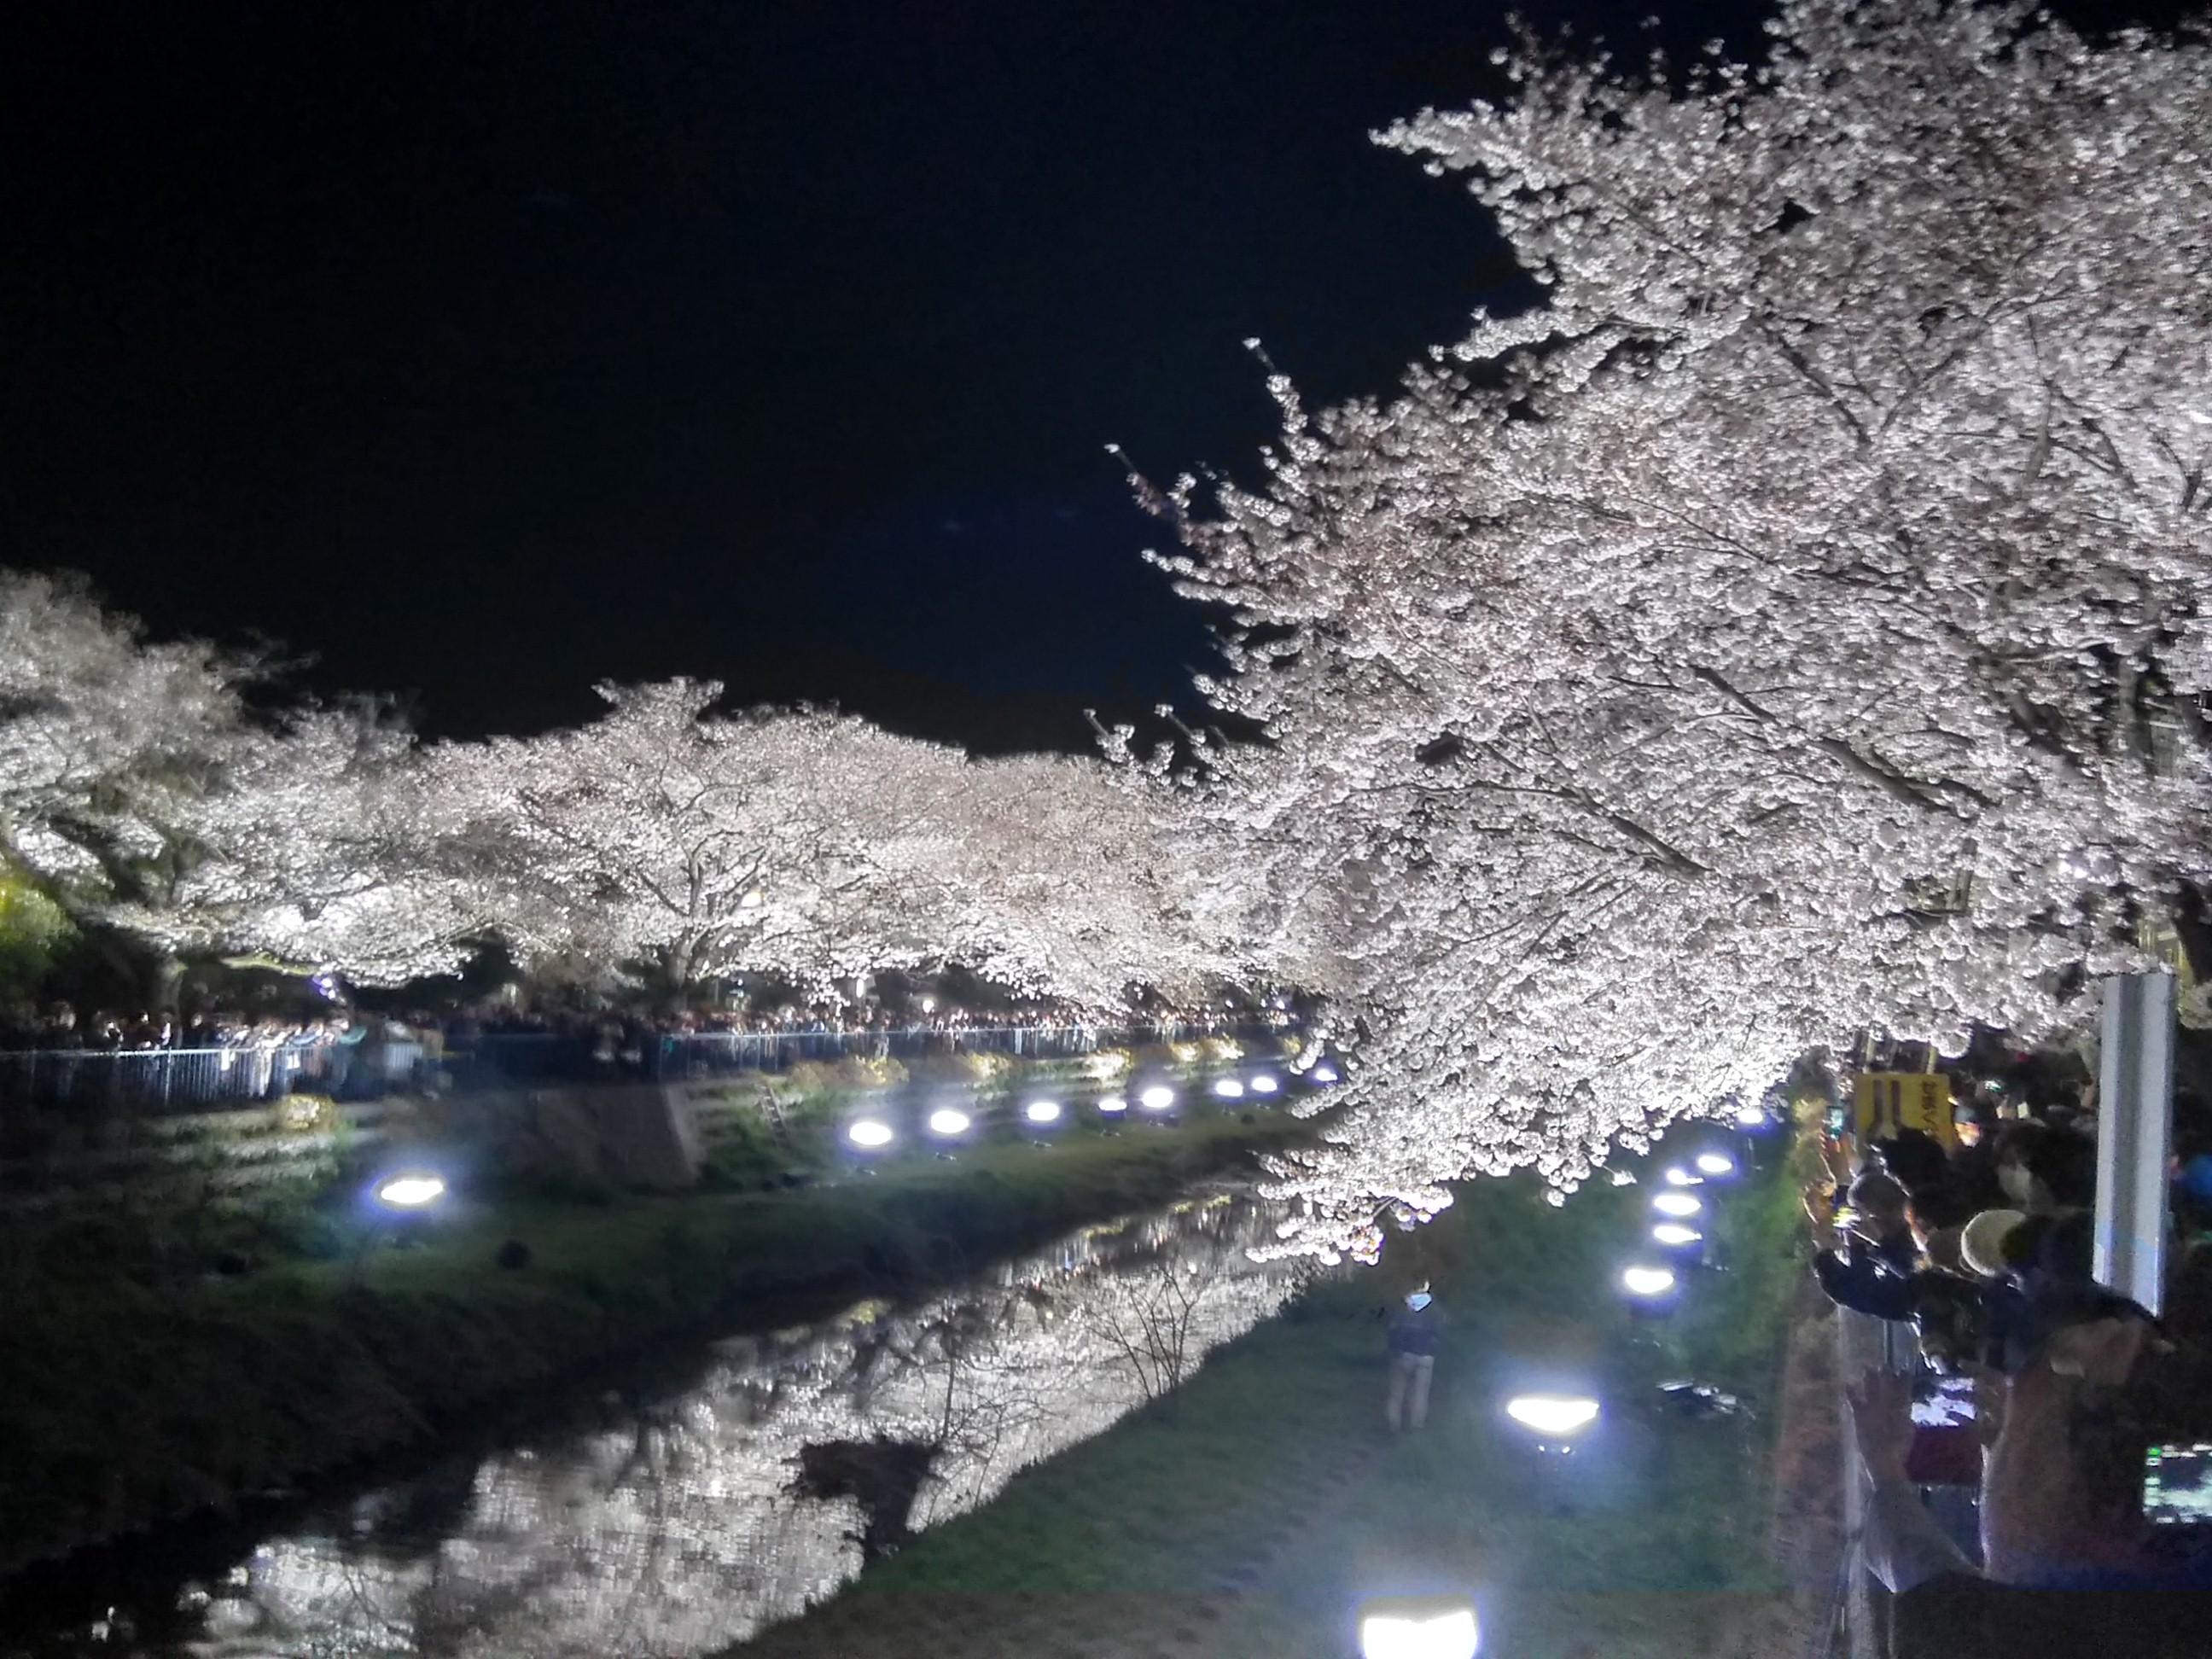 野川遊歩道の川に映る夜桜ライトアップ